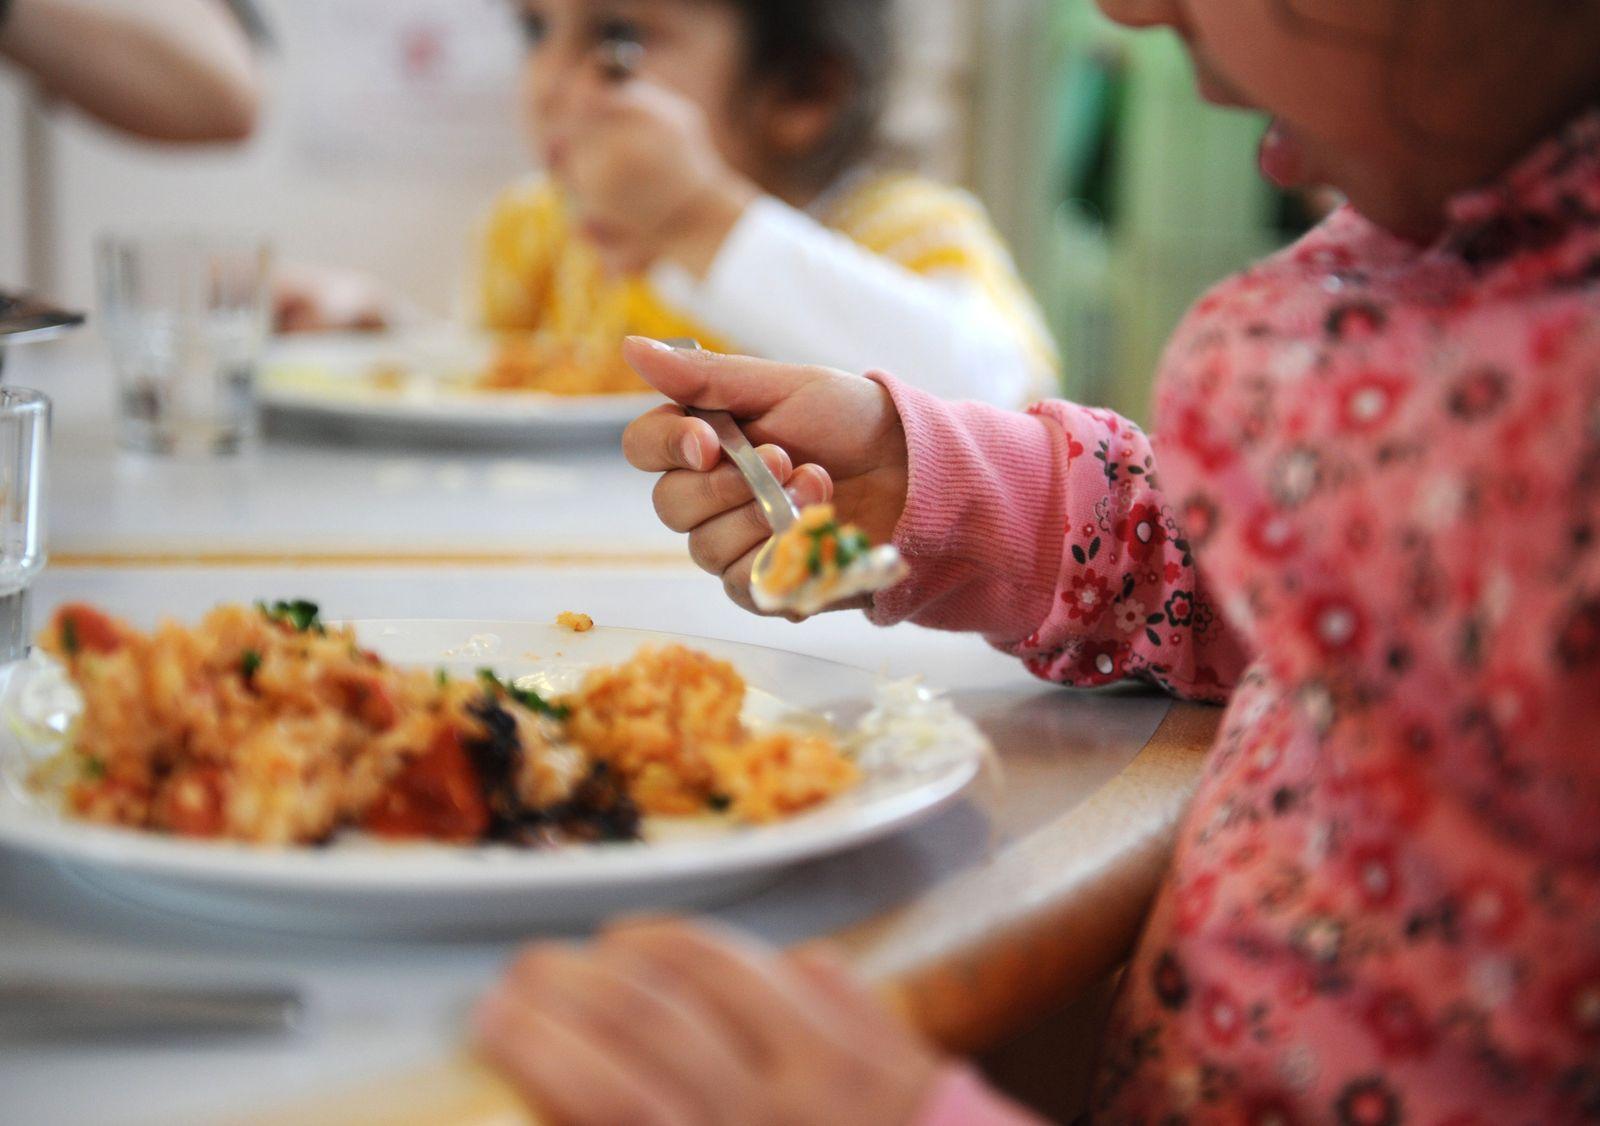 Mittagessen in der Kita